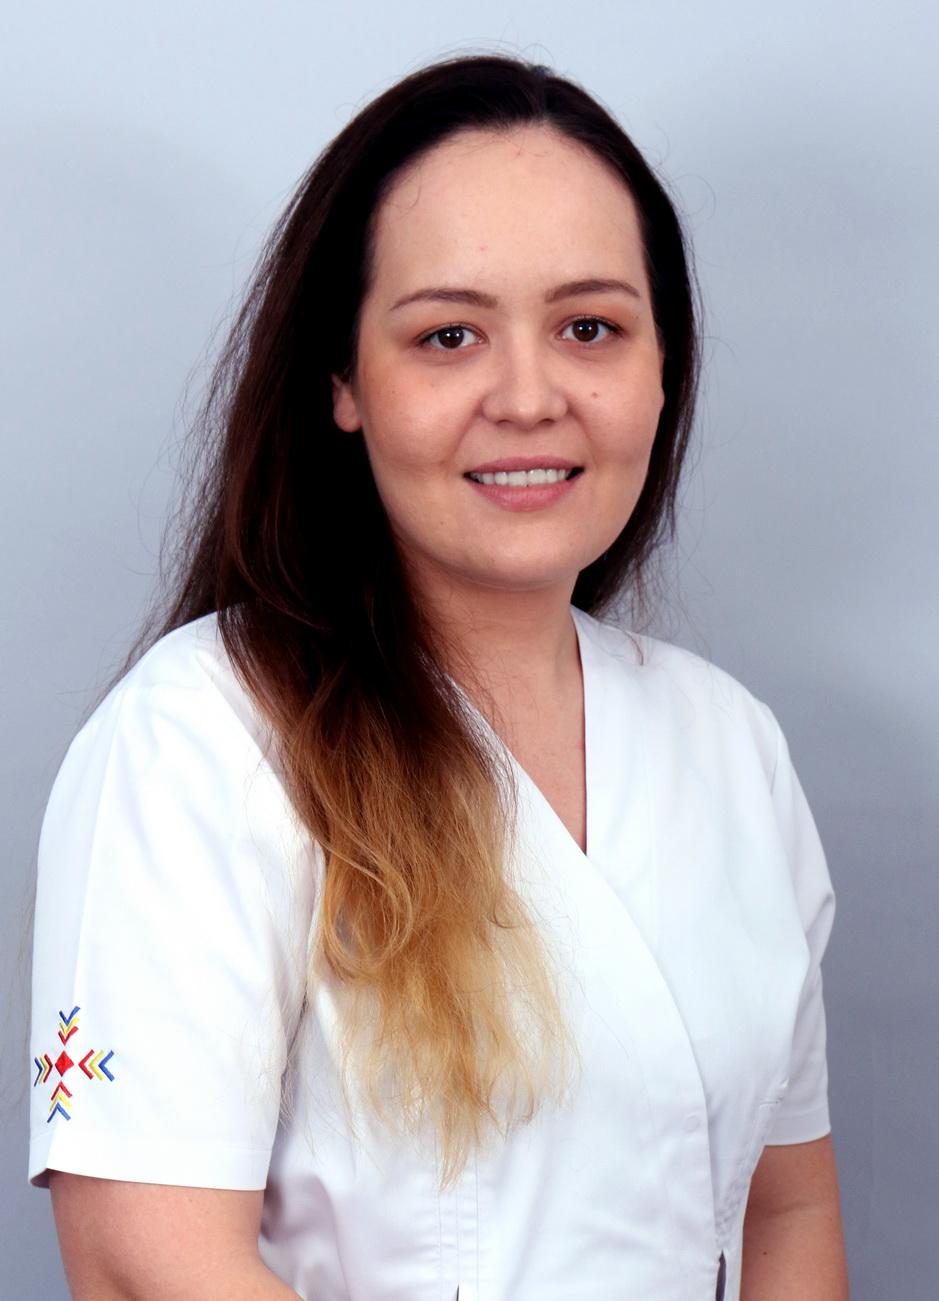 Dr. Konstantina Merti